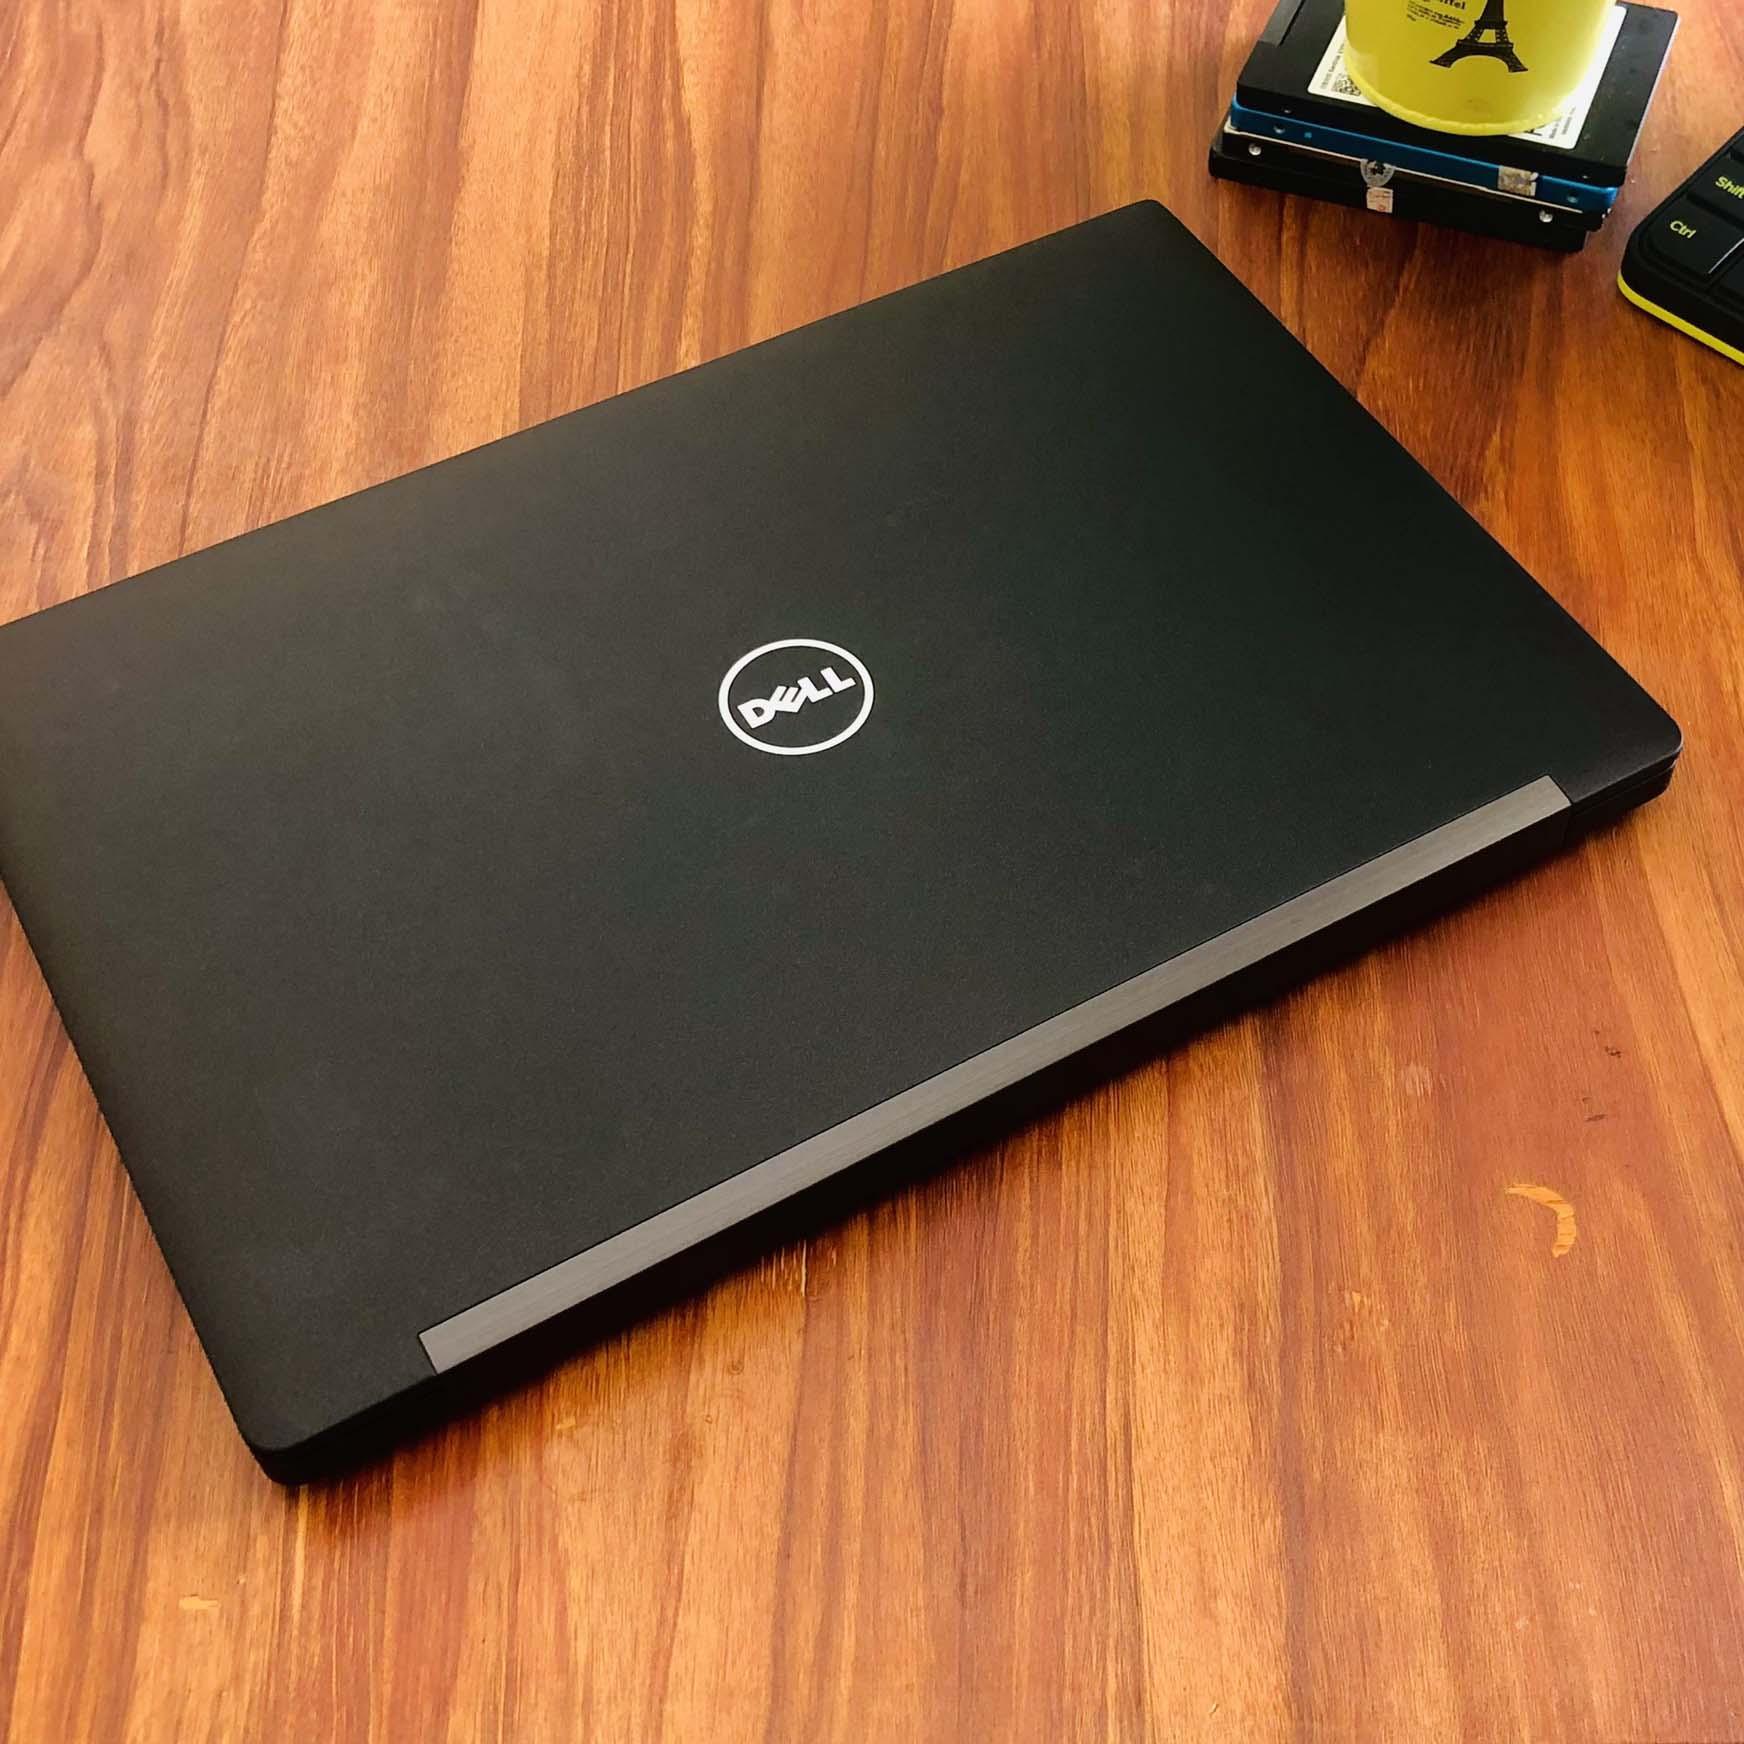 Dell Latitude E7280 Core i5